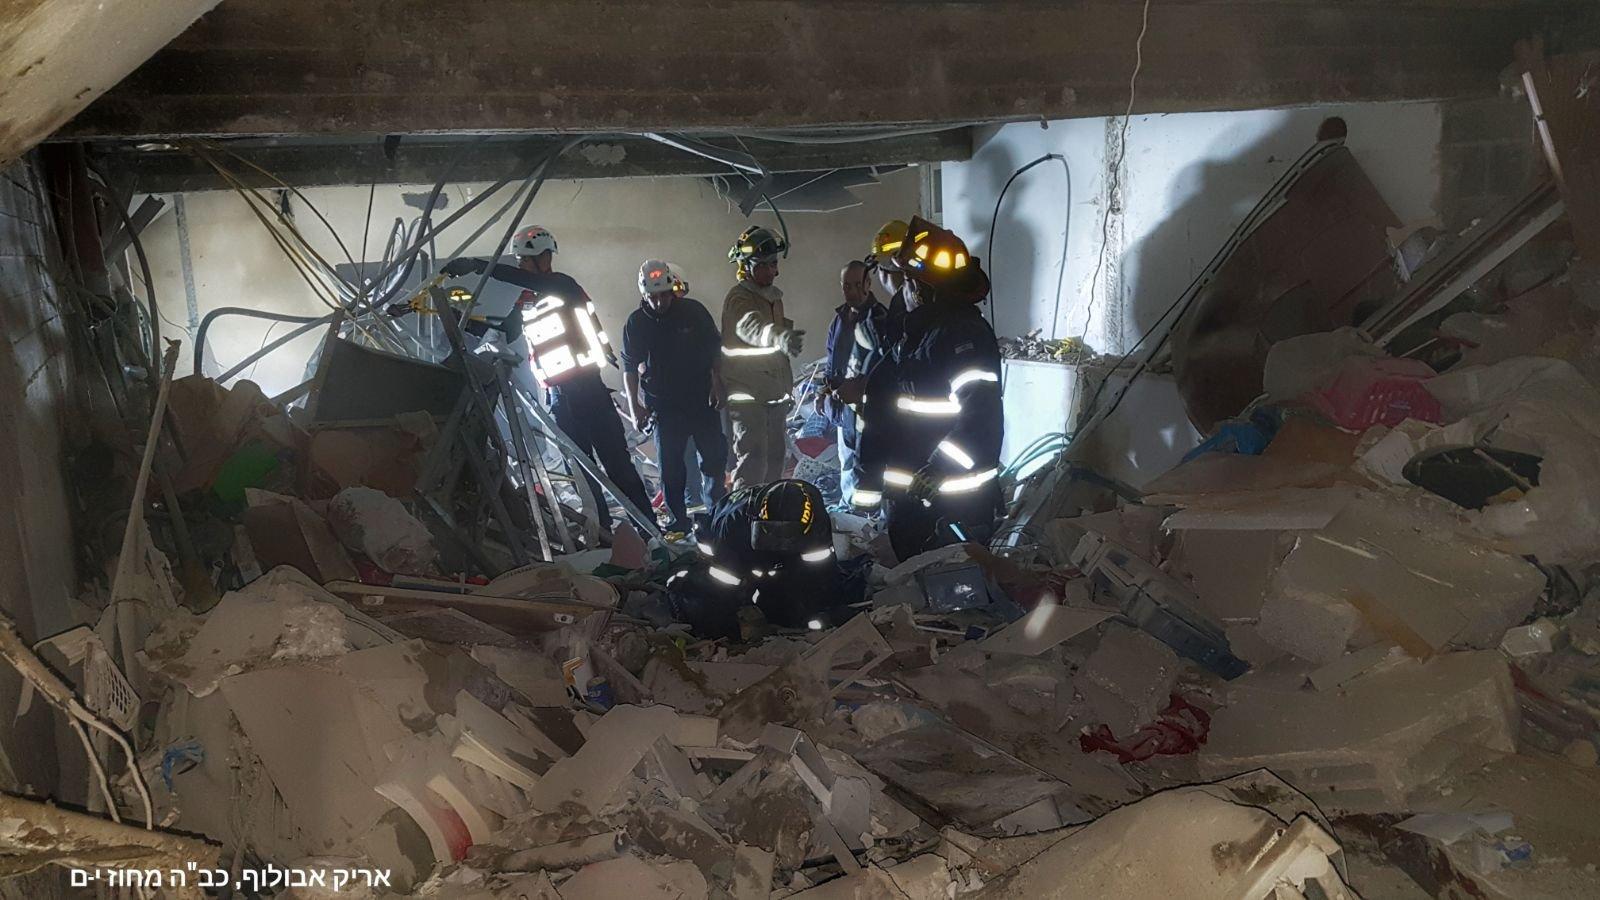 القدس: اصابتان ومصرع شخص نتيجة لانفجار اسطوانة في مبنى سكني